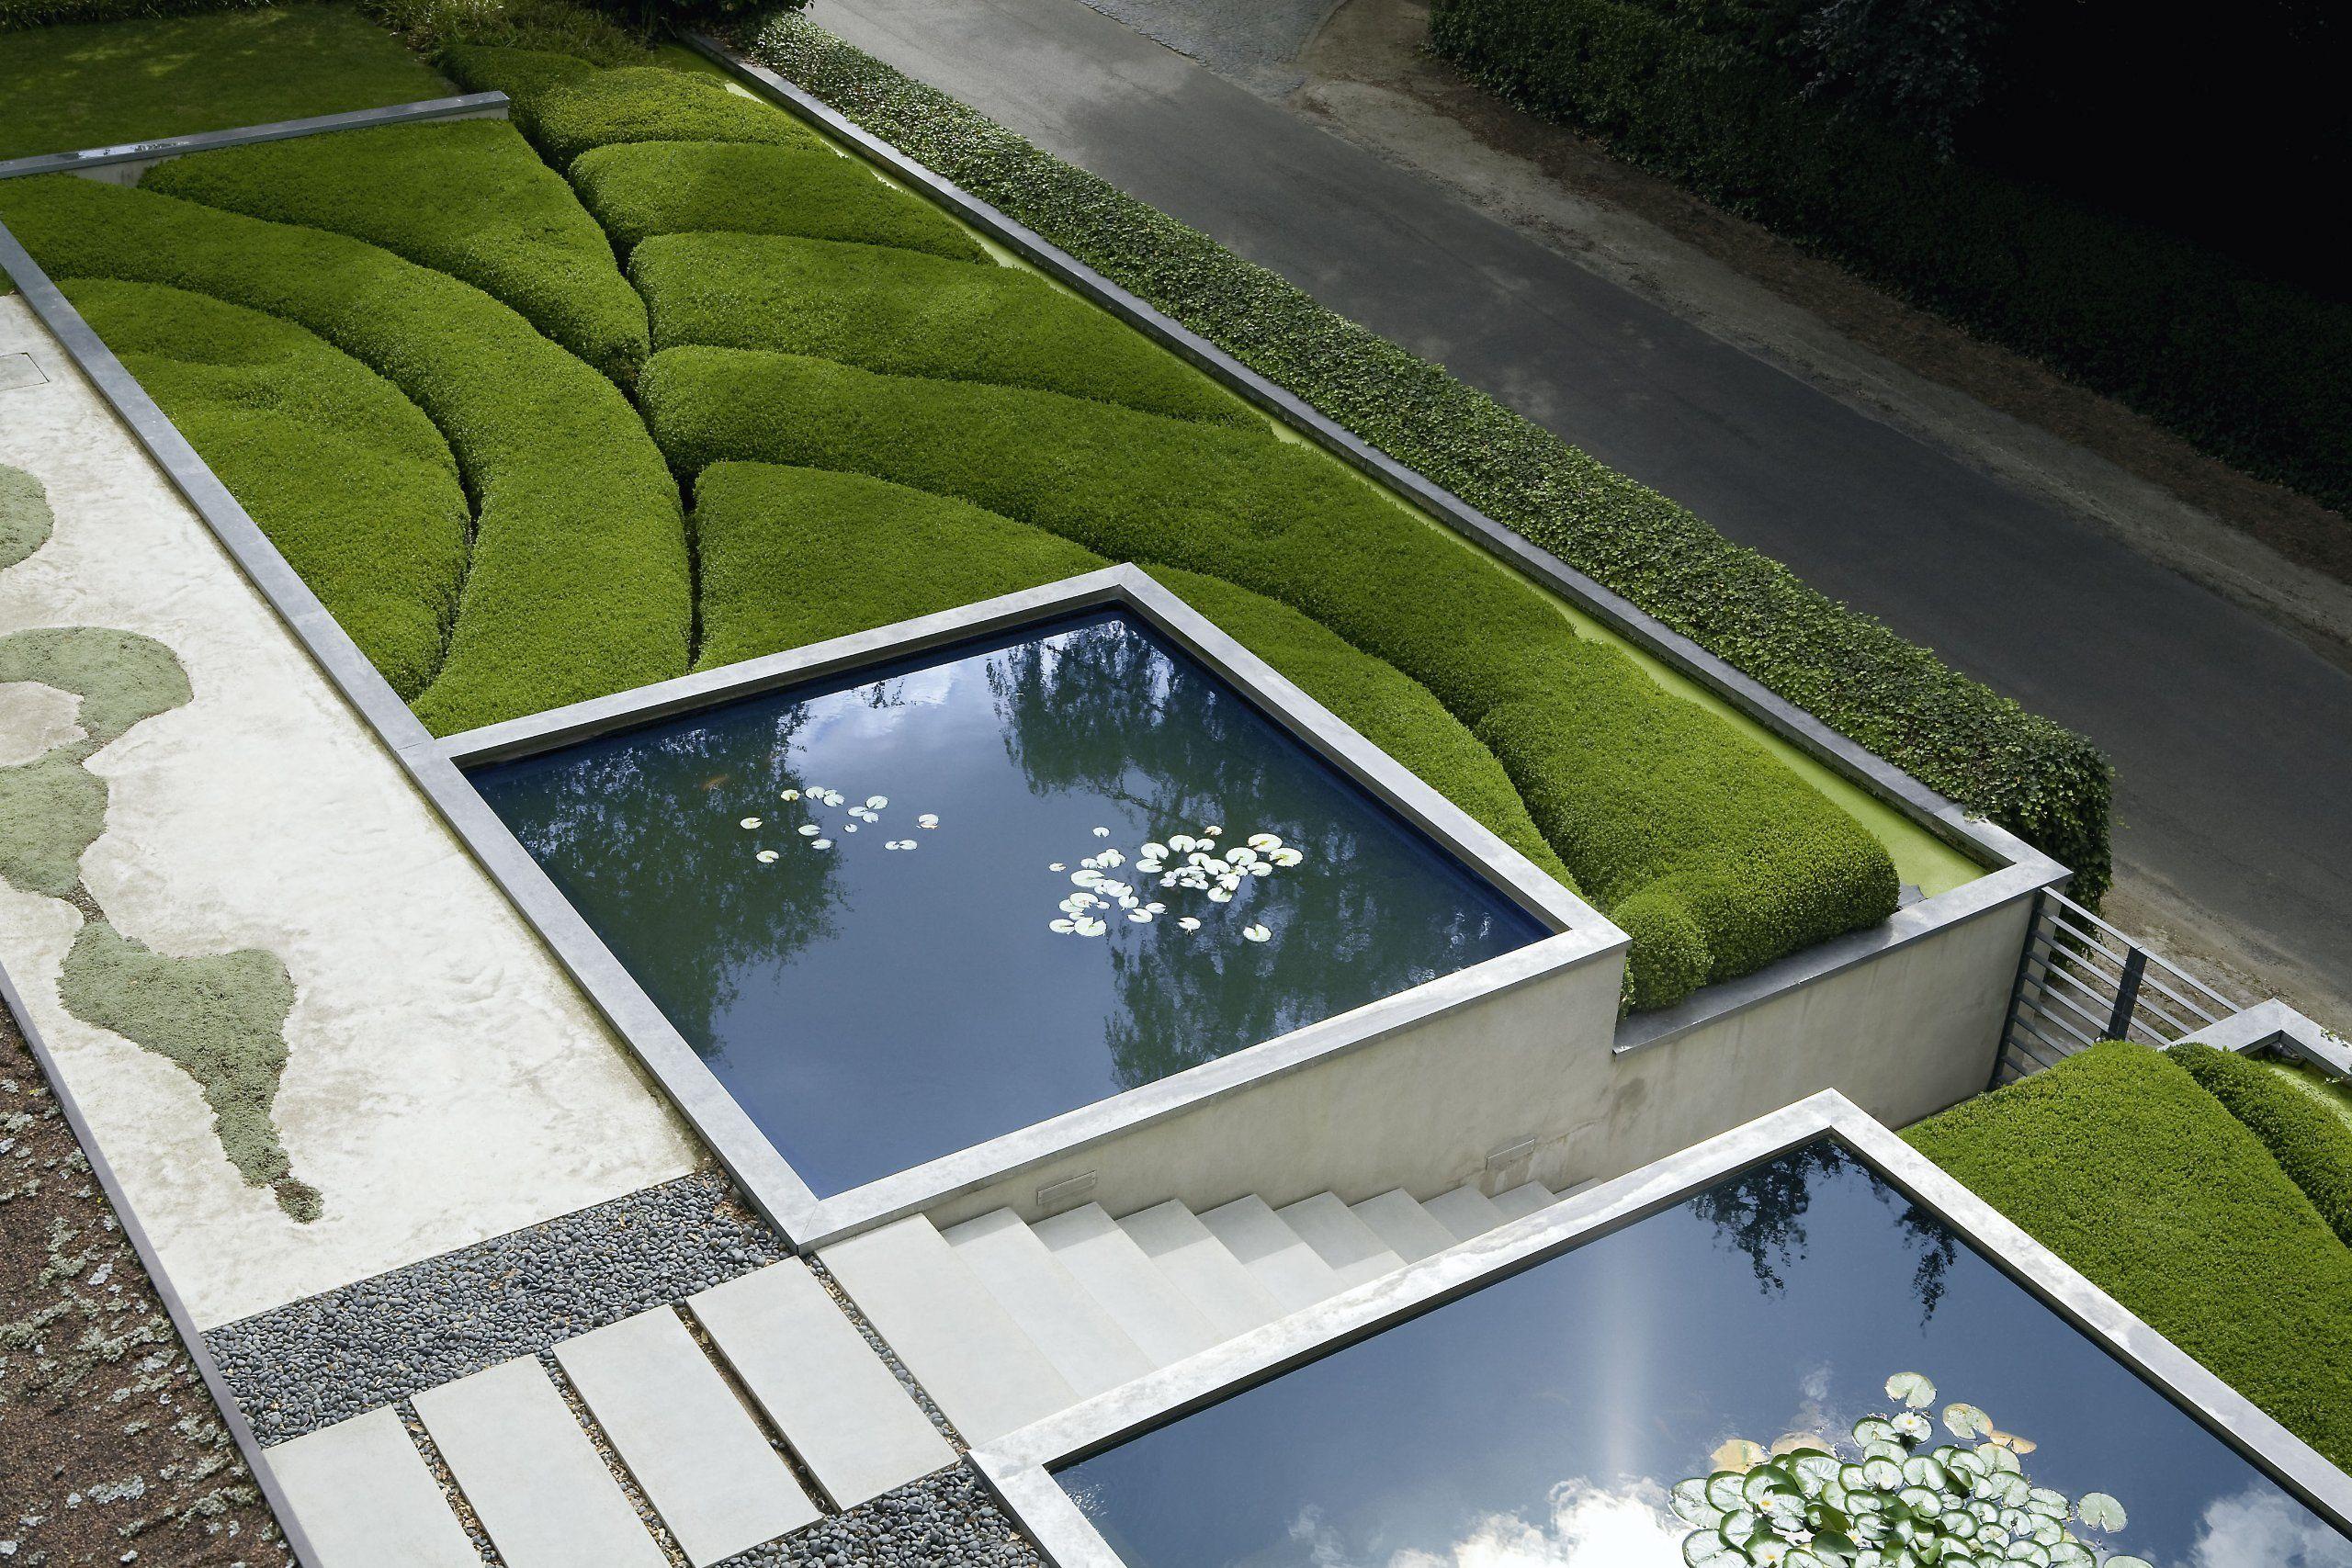 Moderne Gartenarchitektur   Minimalistisch, Formal, Puristisch: Amazon.de:  Peter Berg: